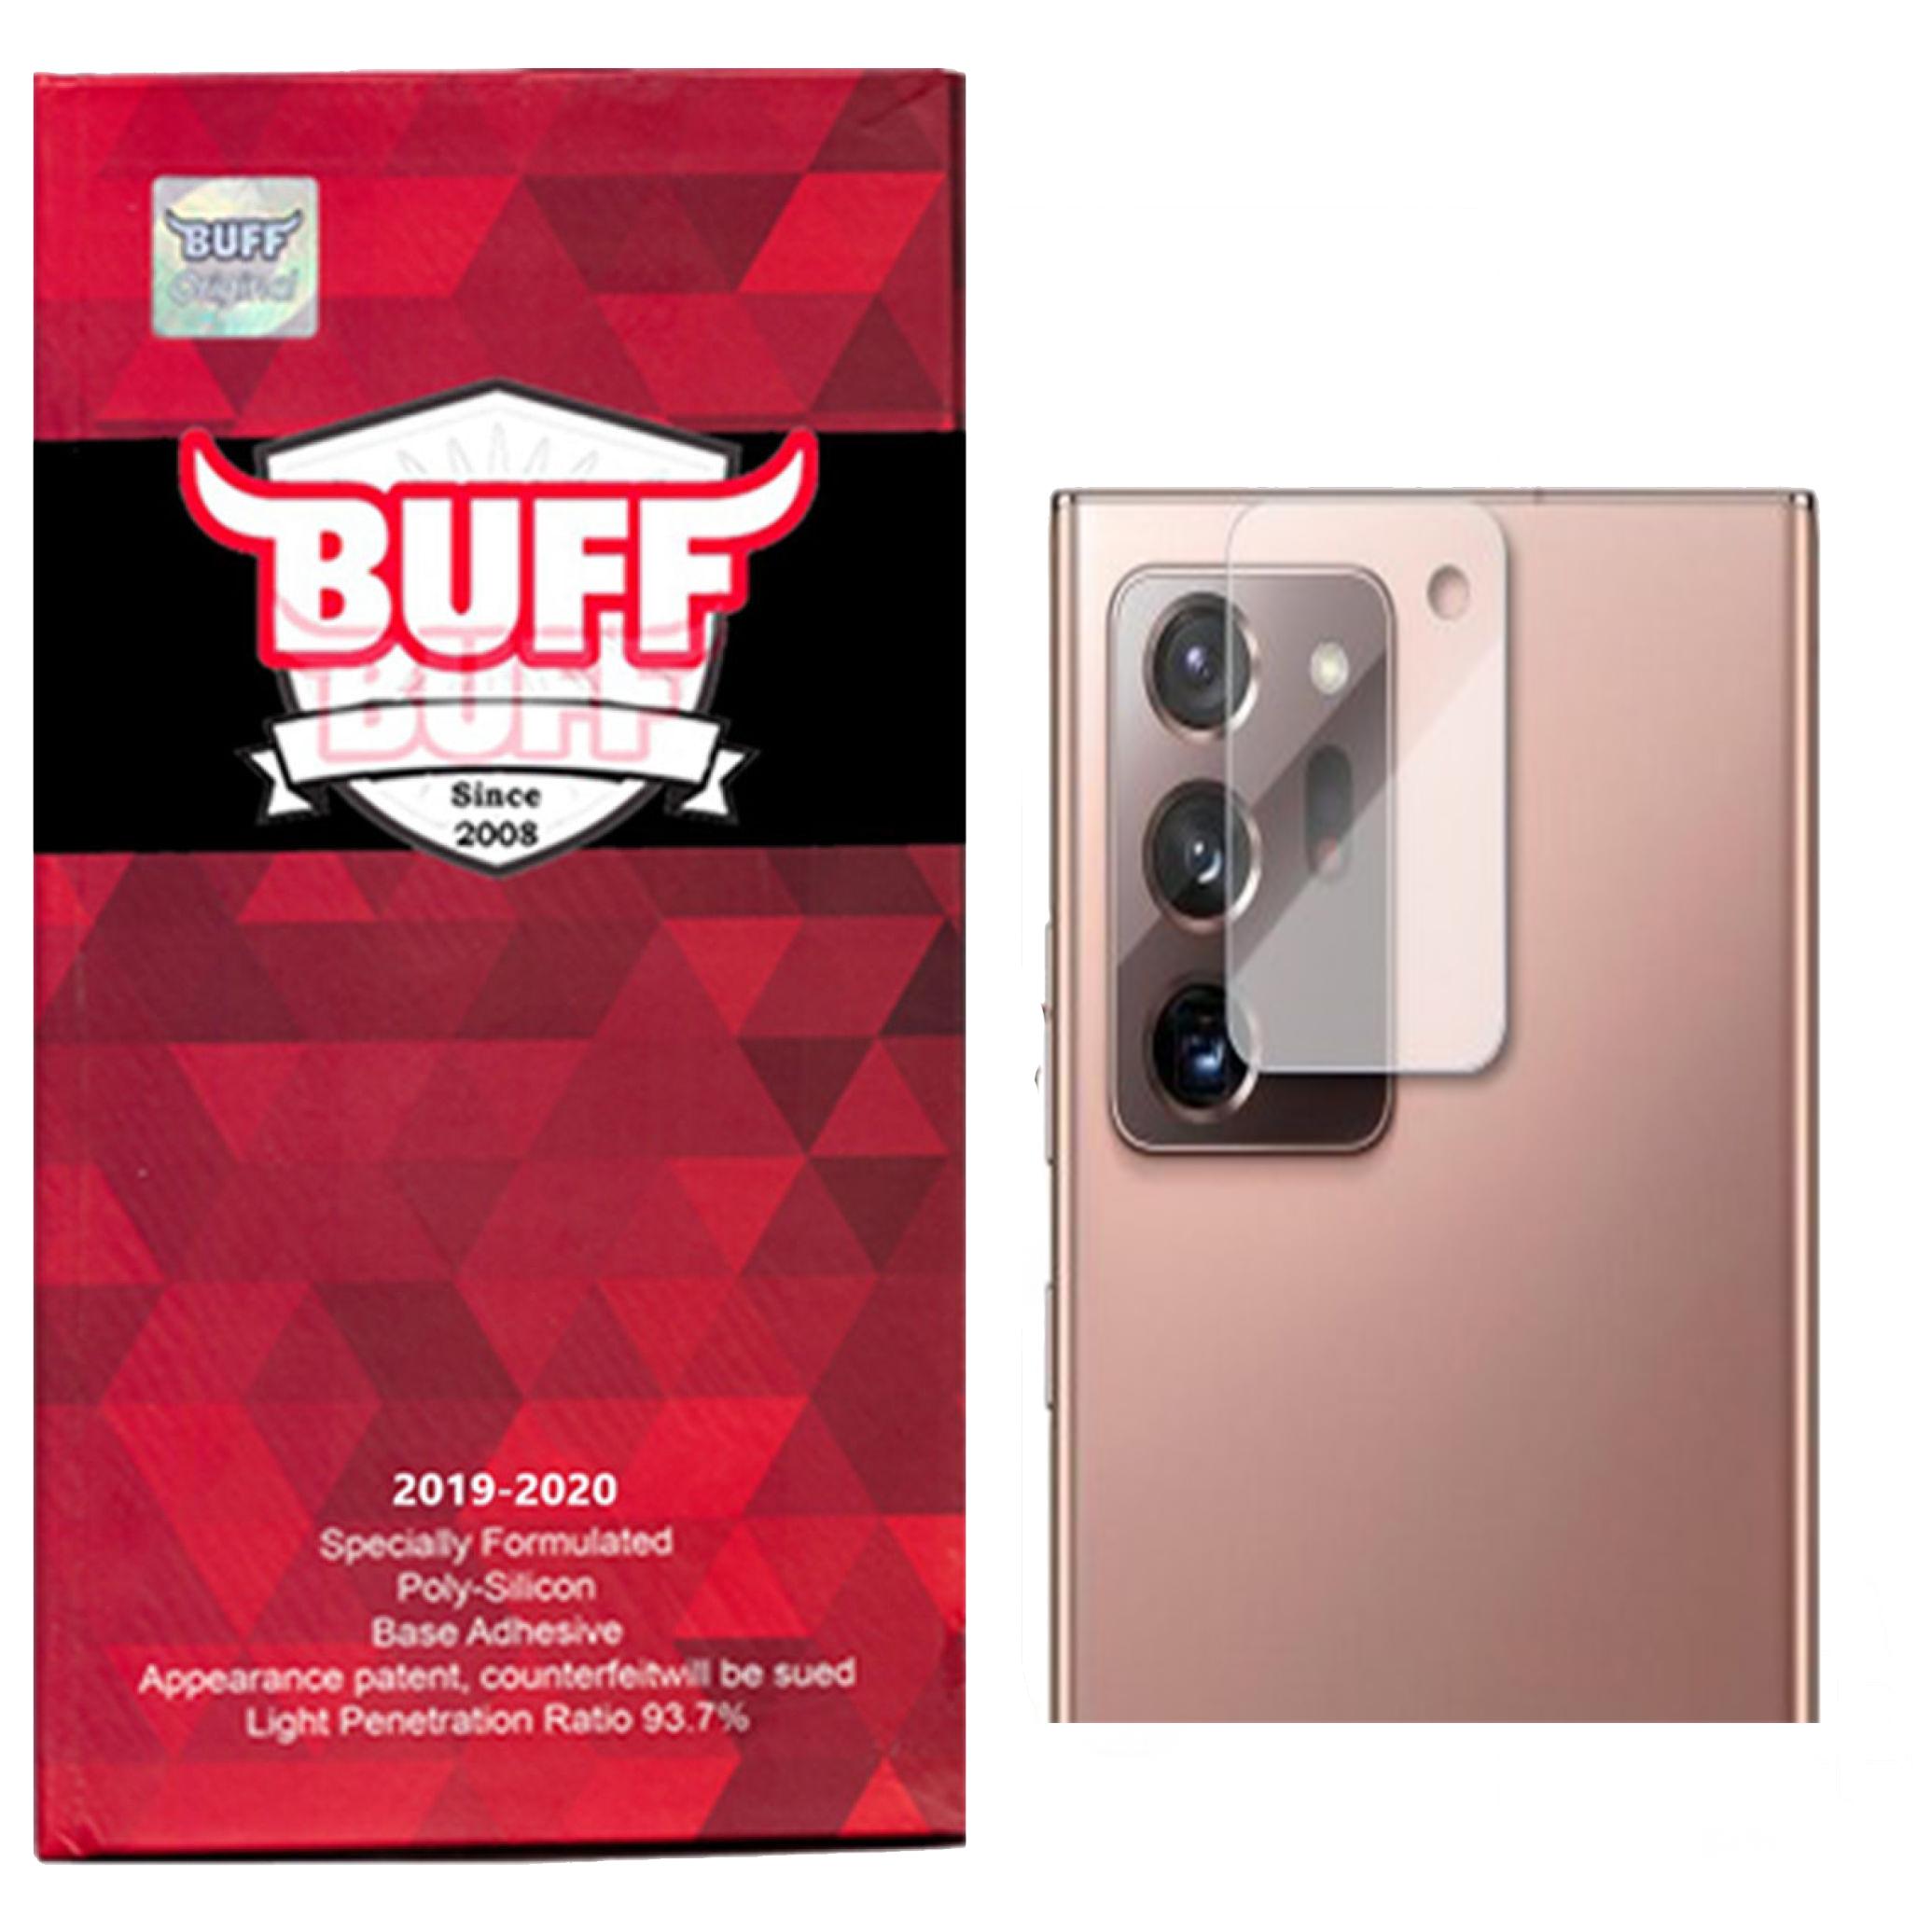 محافظ لنز دوربین بوف مدل Slc مناسب برای گوشی موبایل سامسونگ Galaxy Note20 ultra              ( قیمت و خرید)